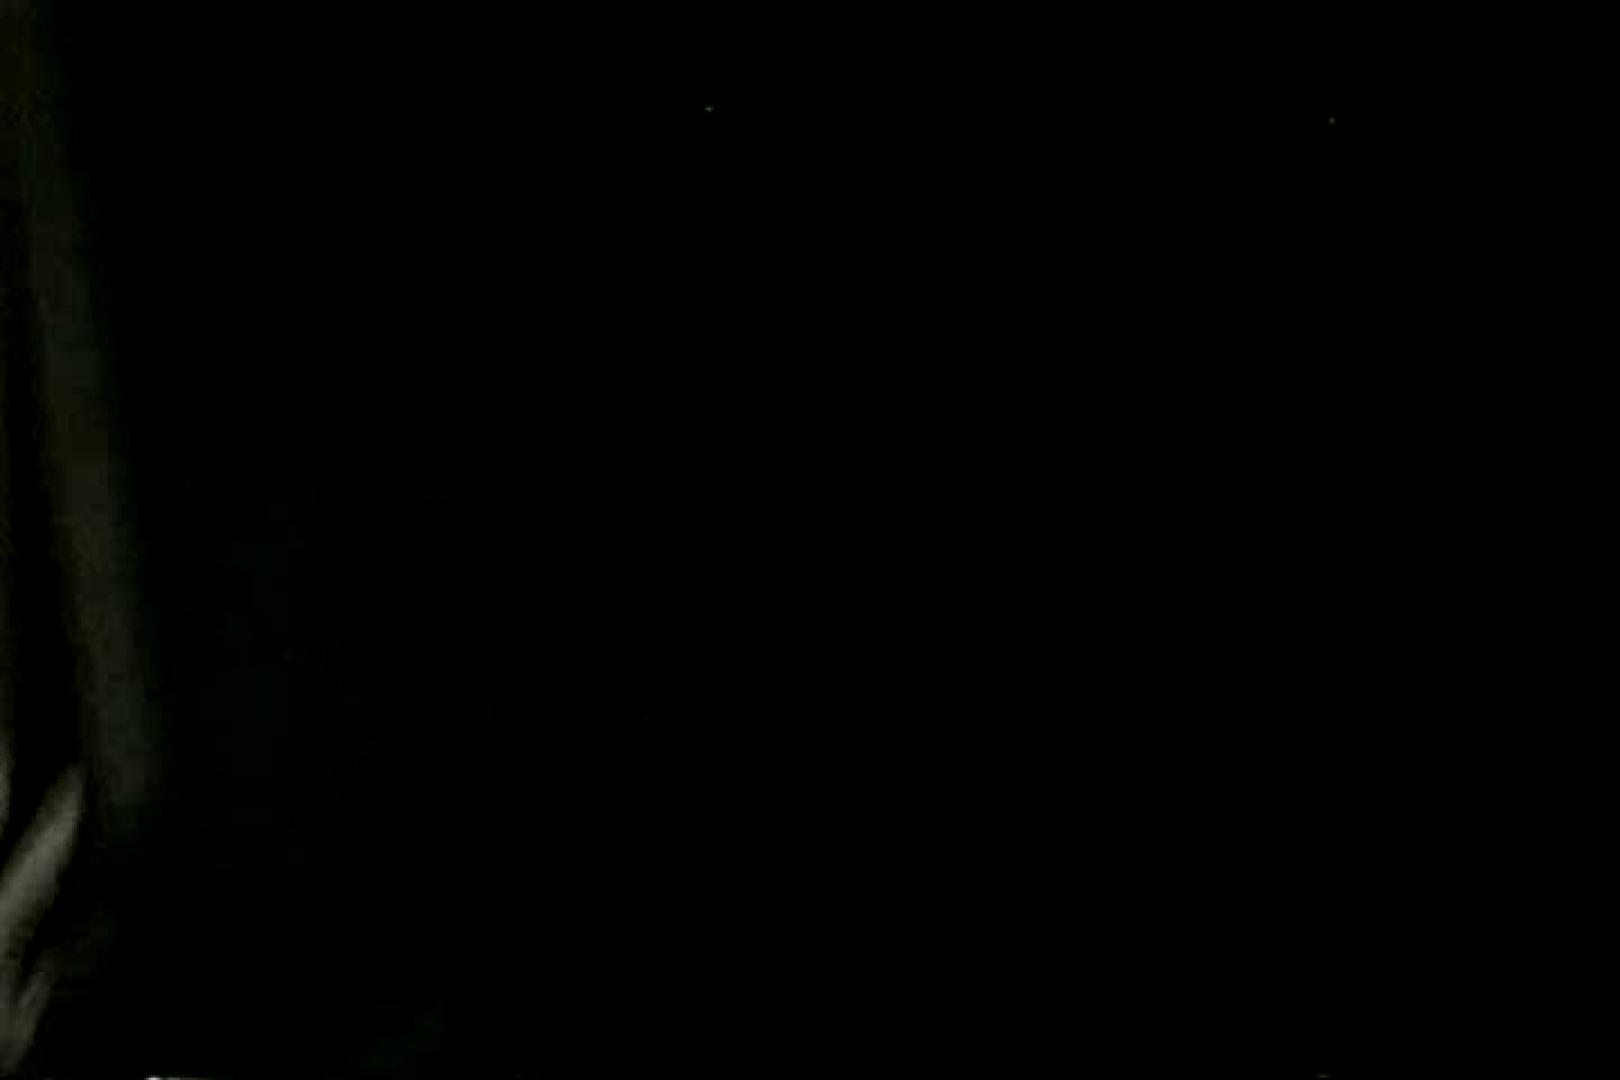 深夜の撮影会Vol.6 オナニーDEエッチ セックス画像 109PIX 33